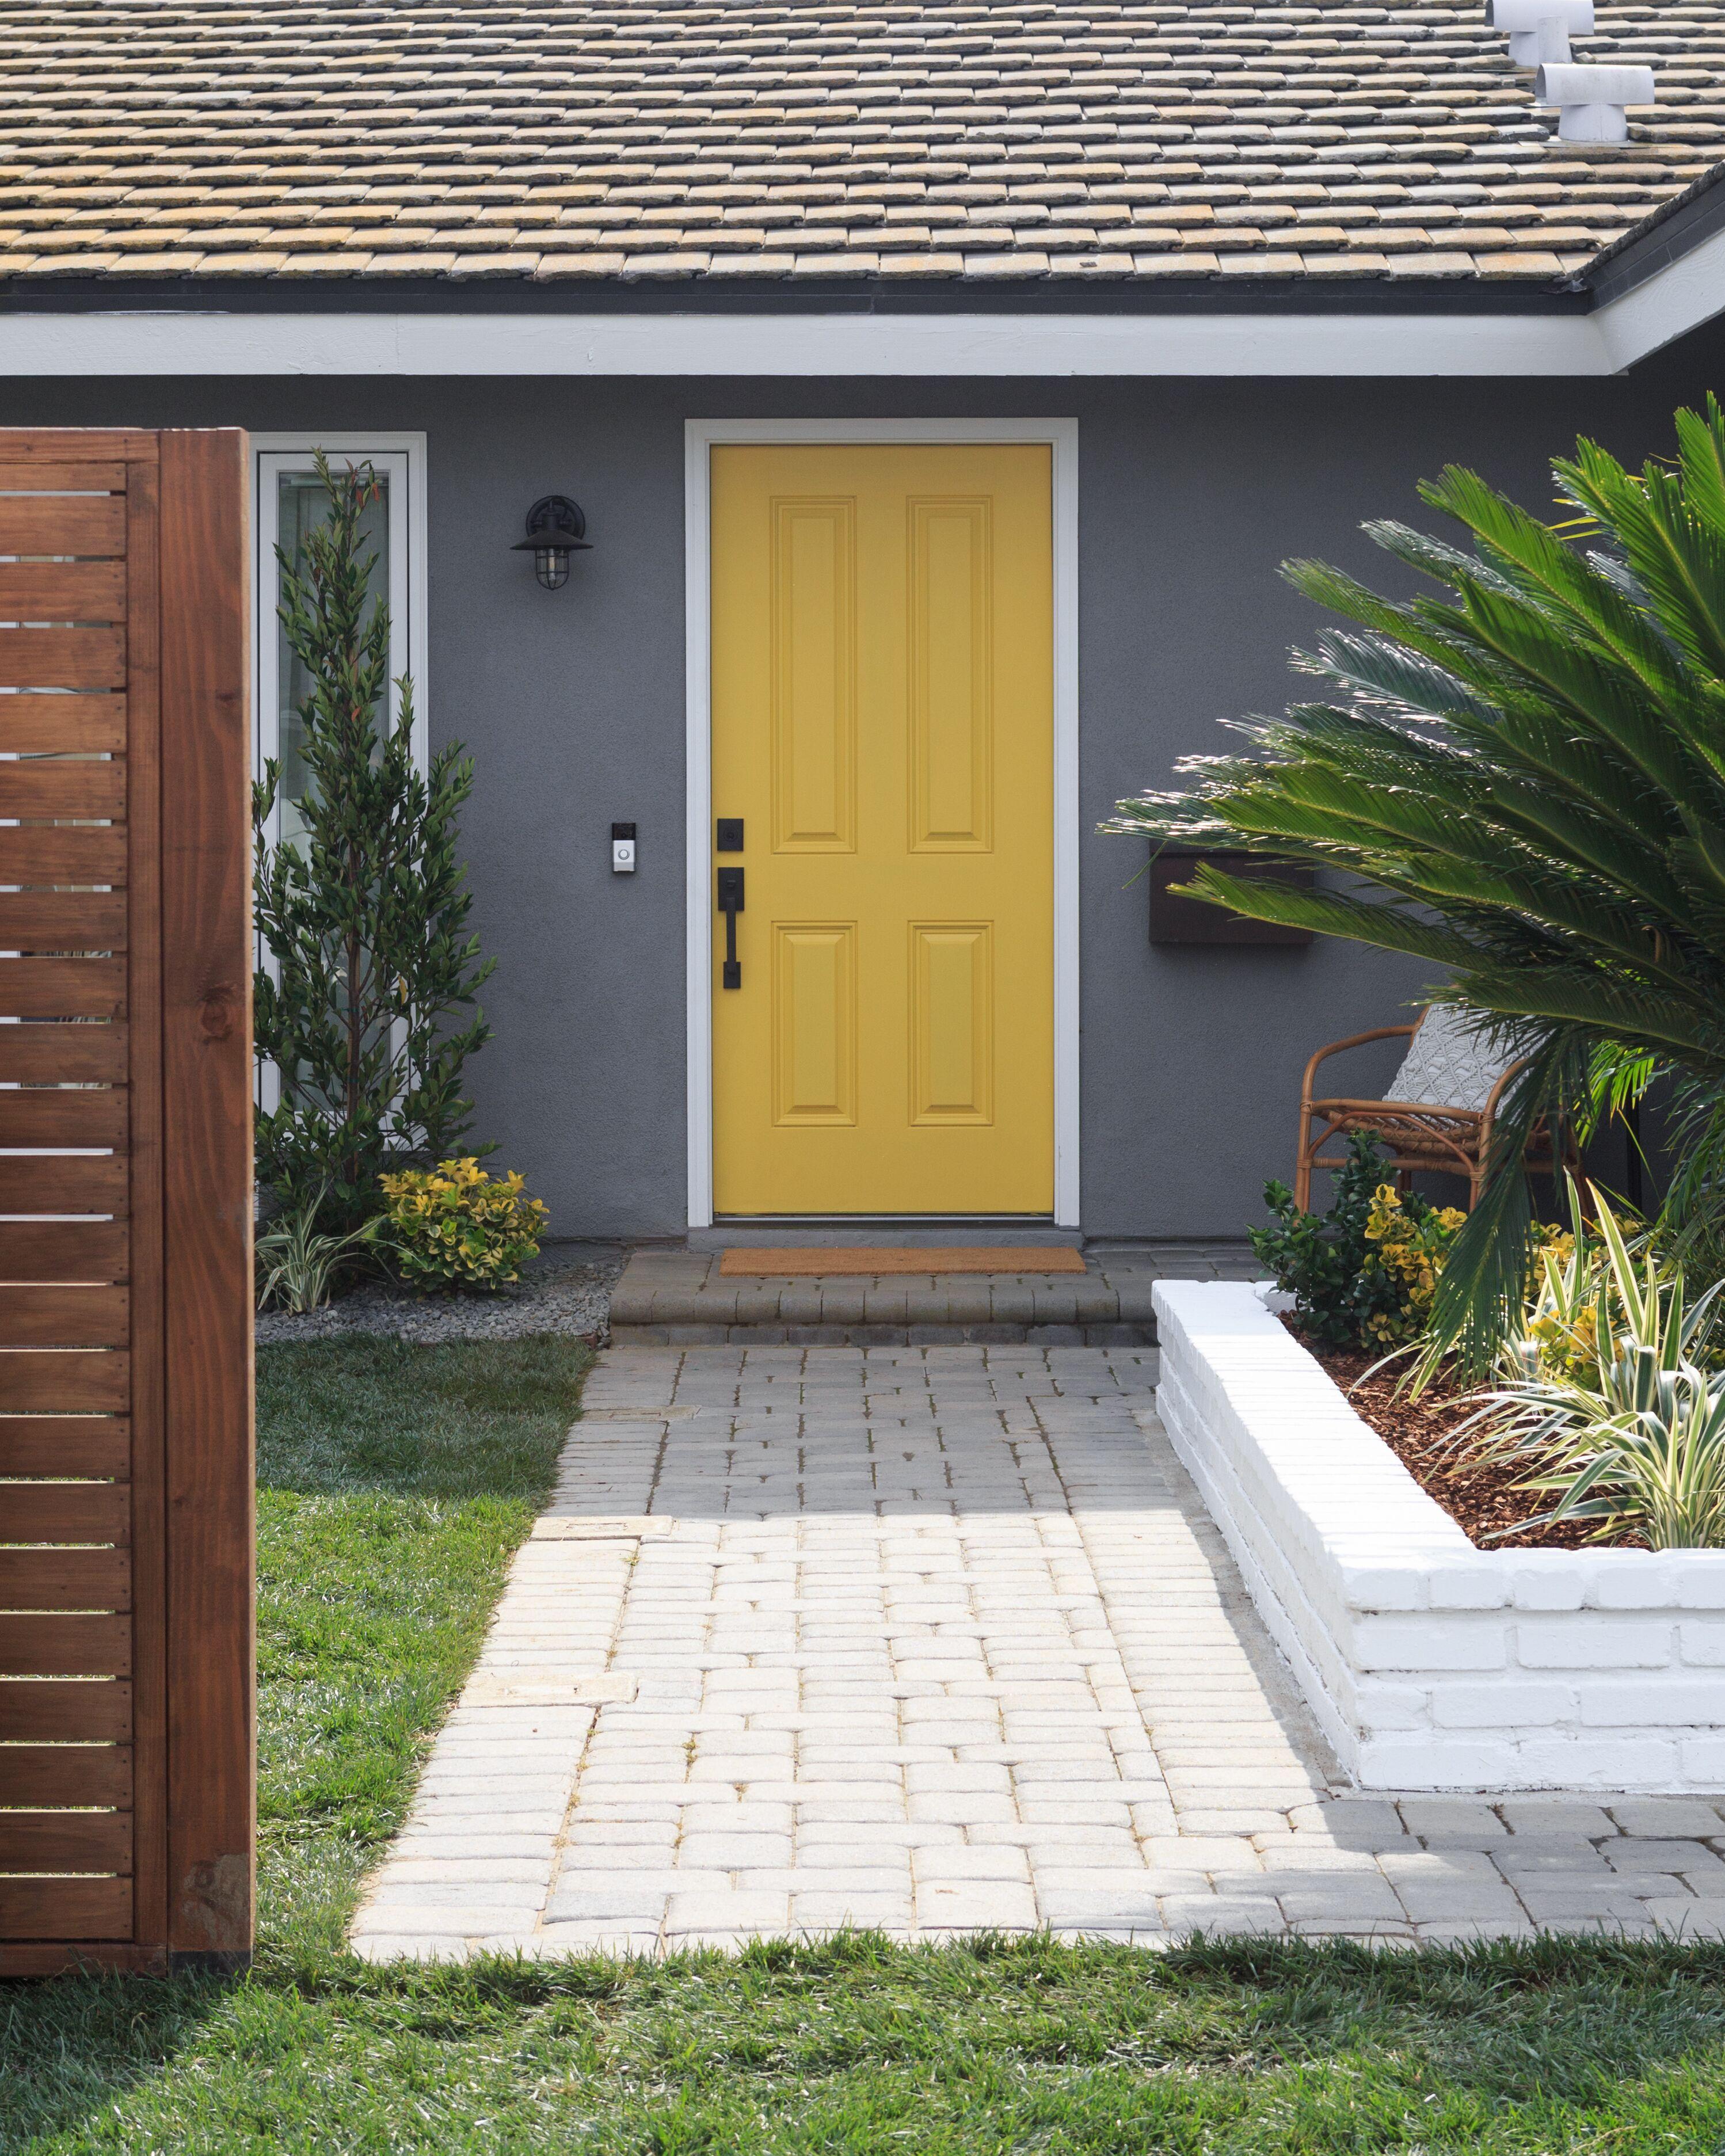 21 Cool Front Door Designs For Houses: HGTV's Hidden P On Exteriors